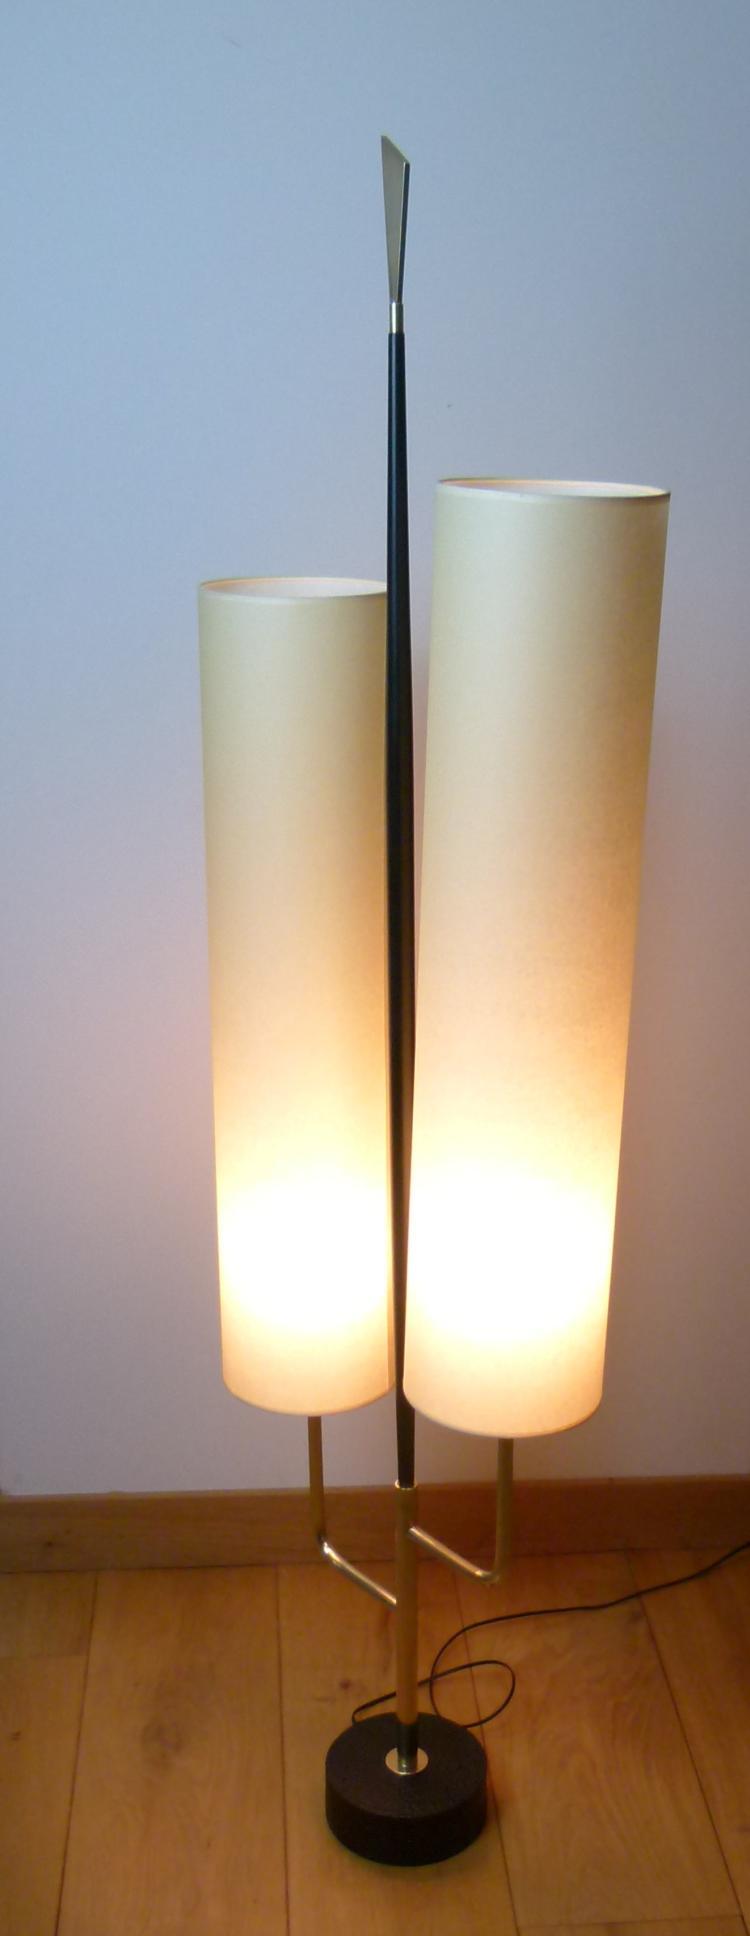 LUNEL - Vers 1955 Lampadaire à double réflecteur en laiton, papier et métal